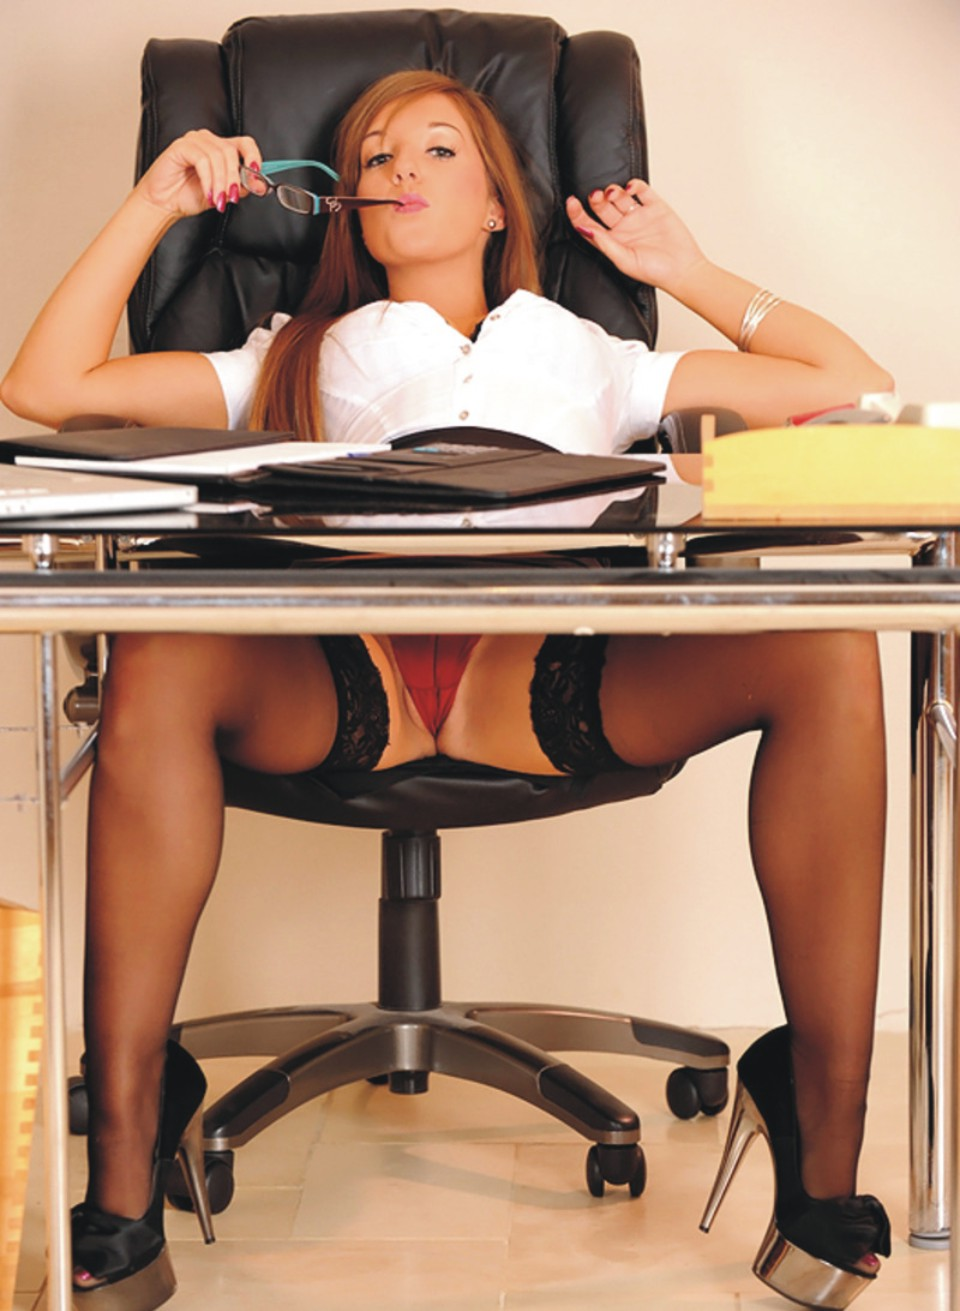 видео у секретарши под столом него